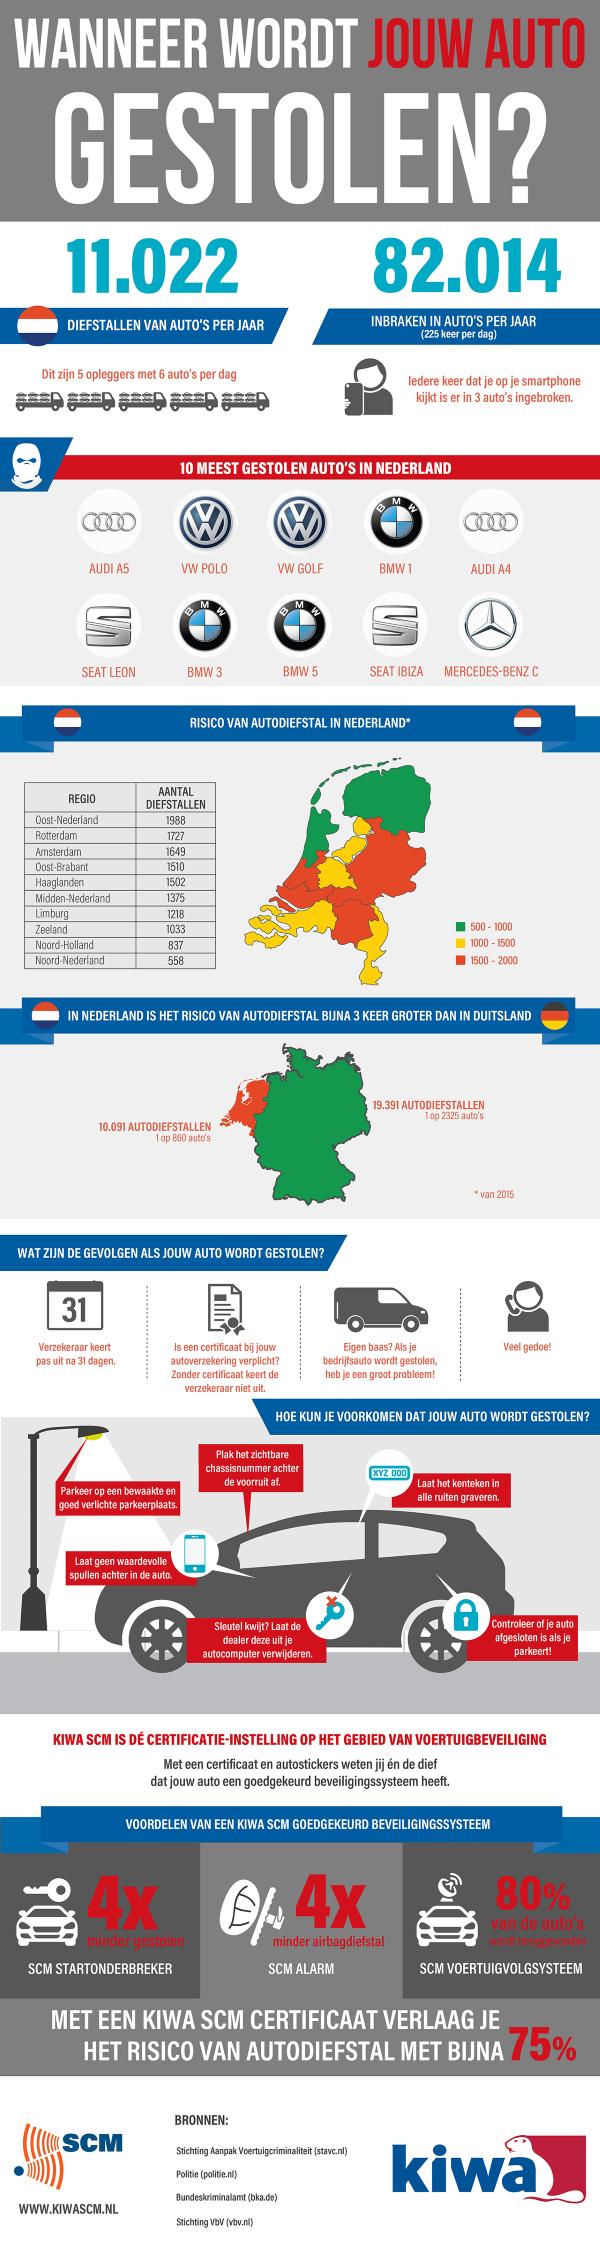 Wanneer wordt jouw auto gestolen?